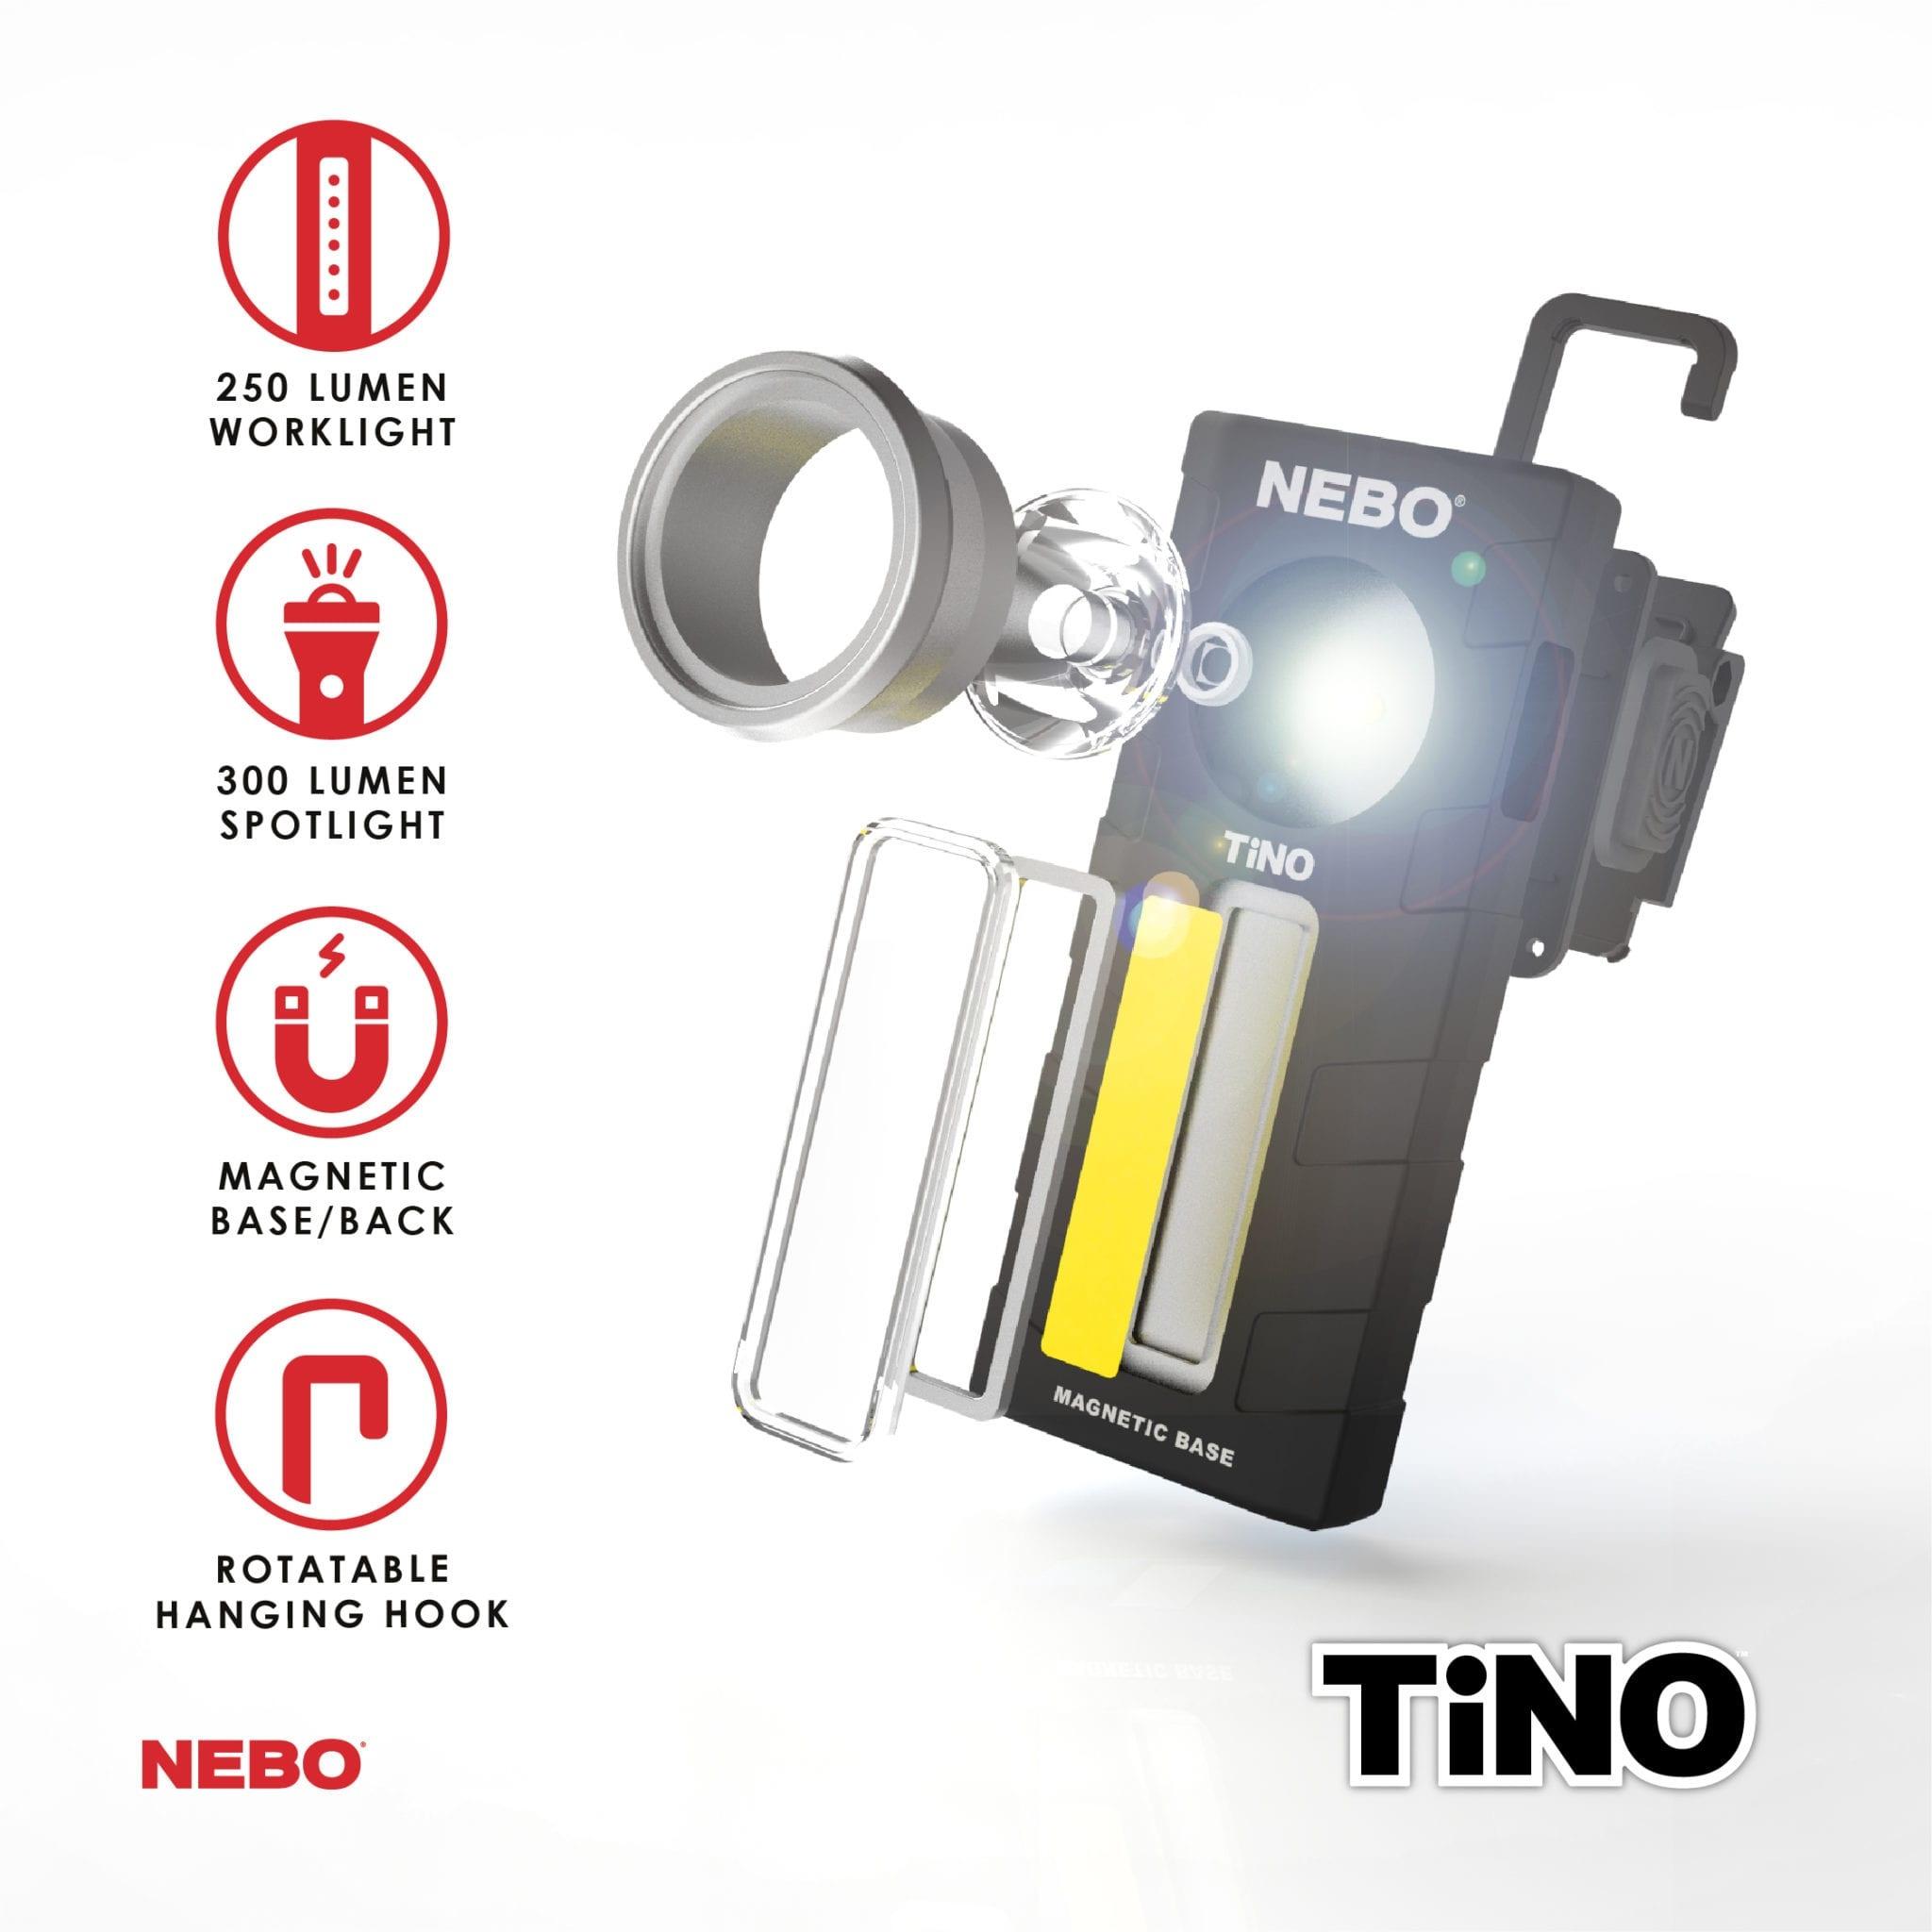 Nebo TiNO Werklamp